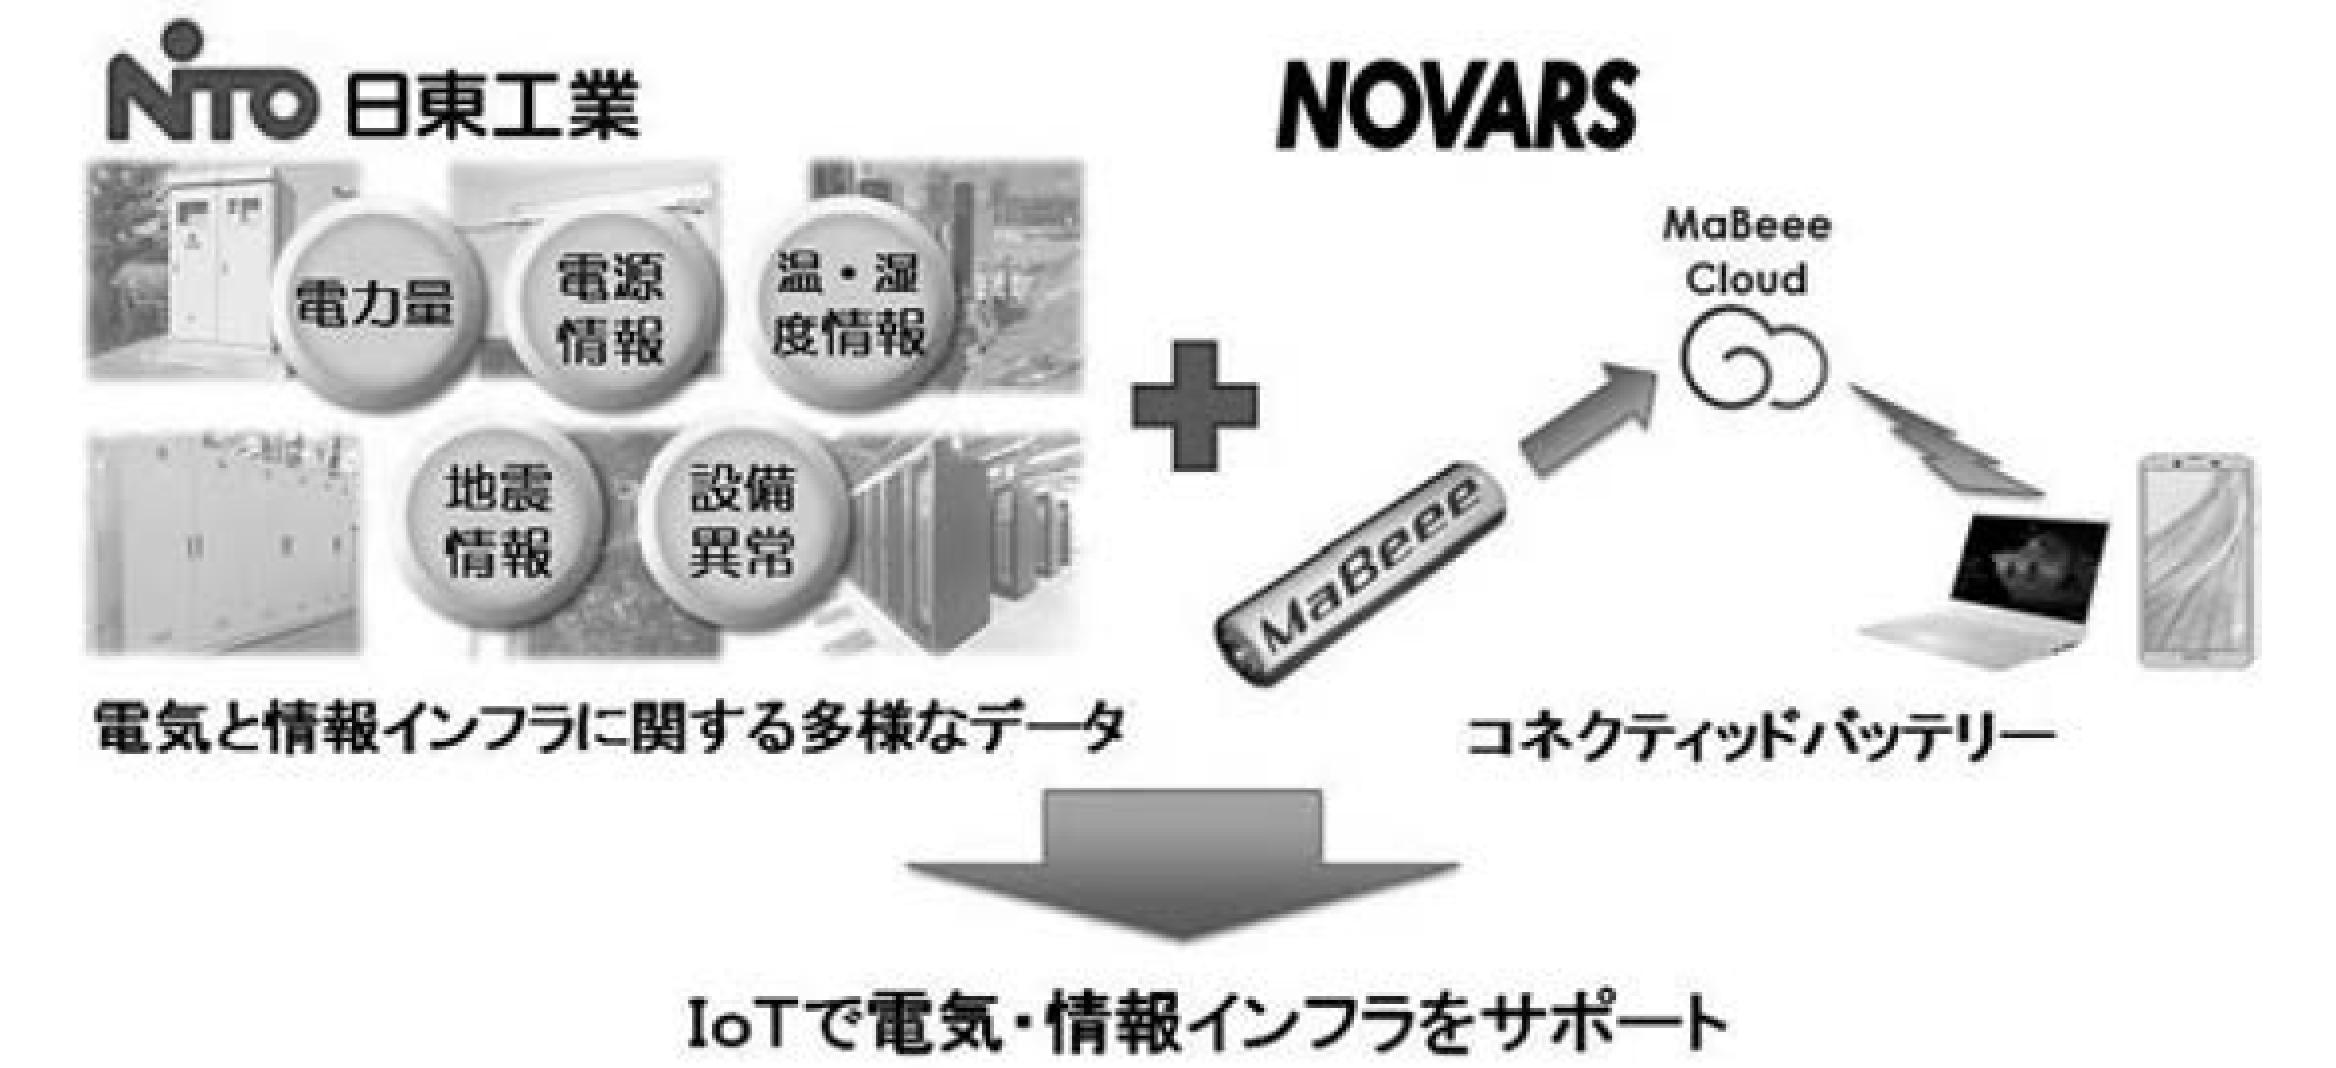 【日東工業】ノバルスと業務提携 電気と情報インフラをIoTでの画像